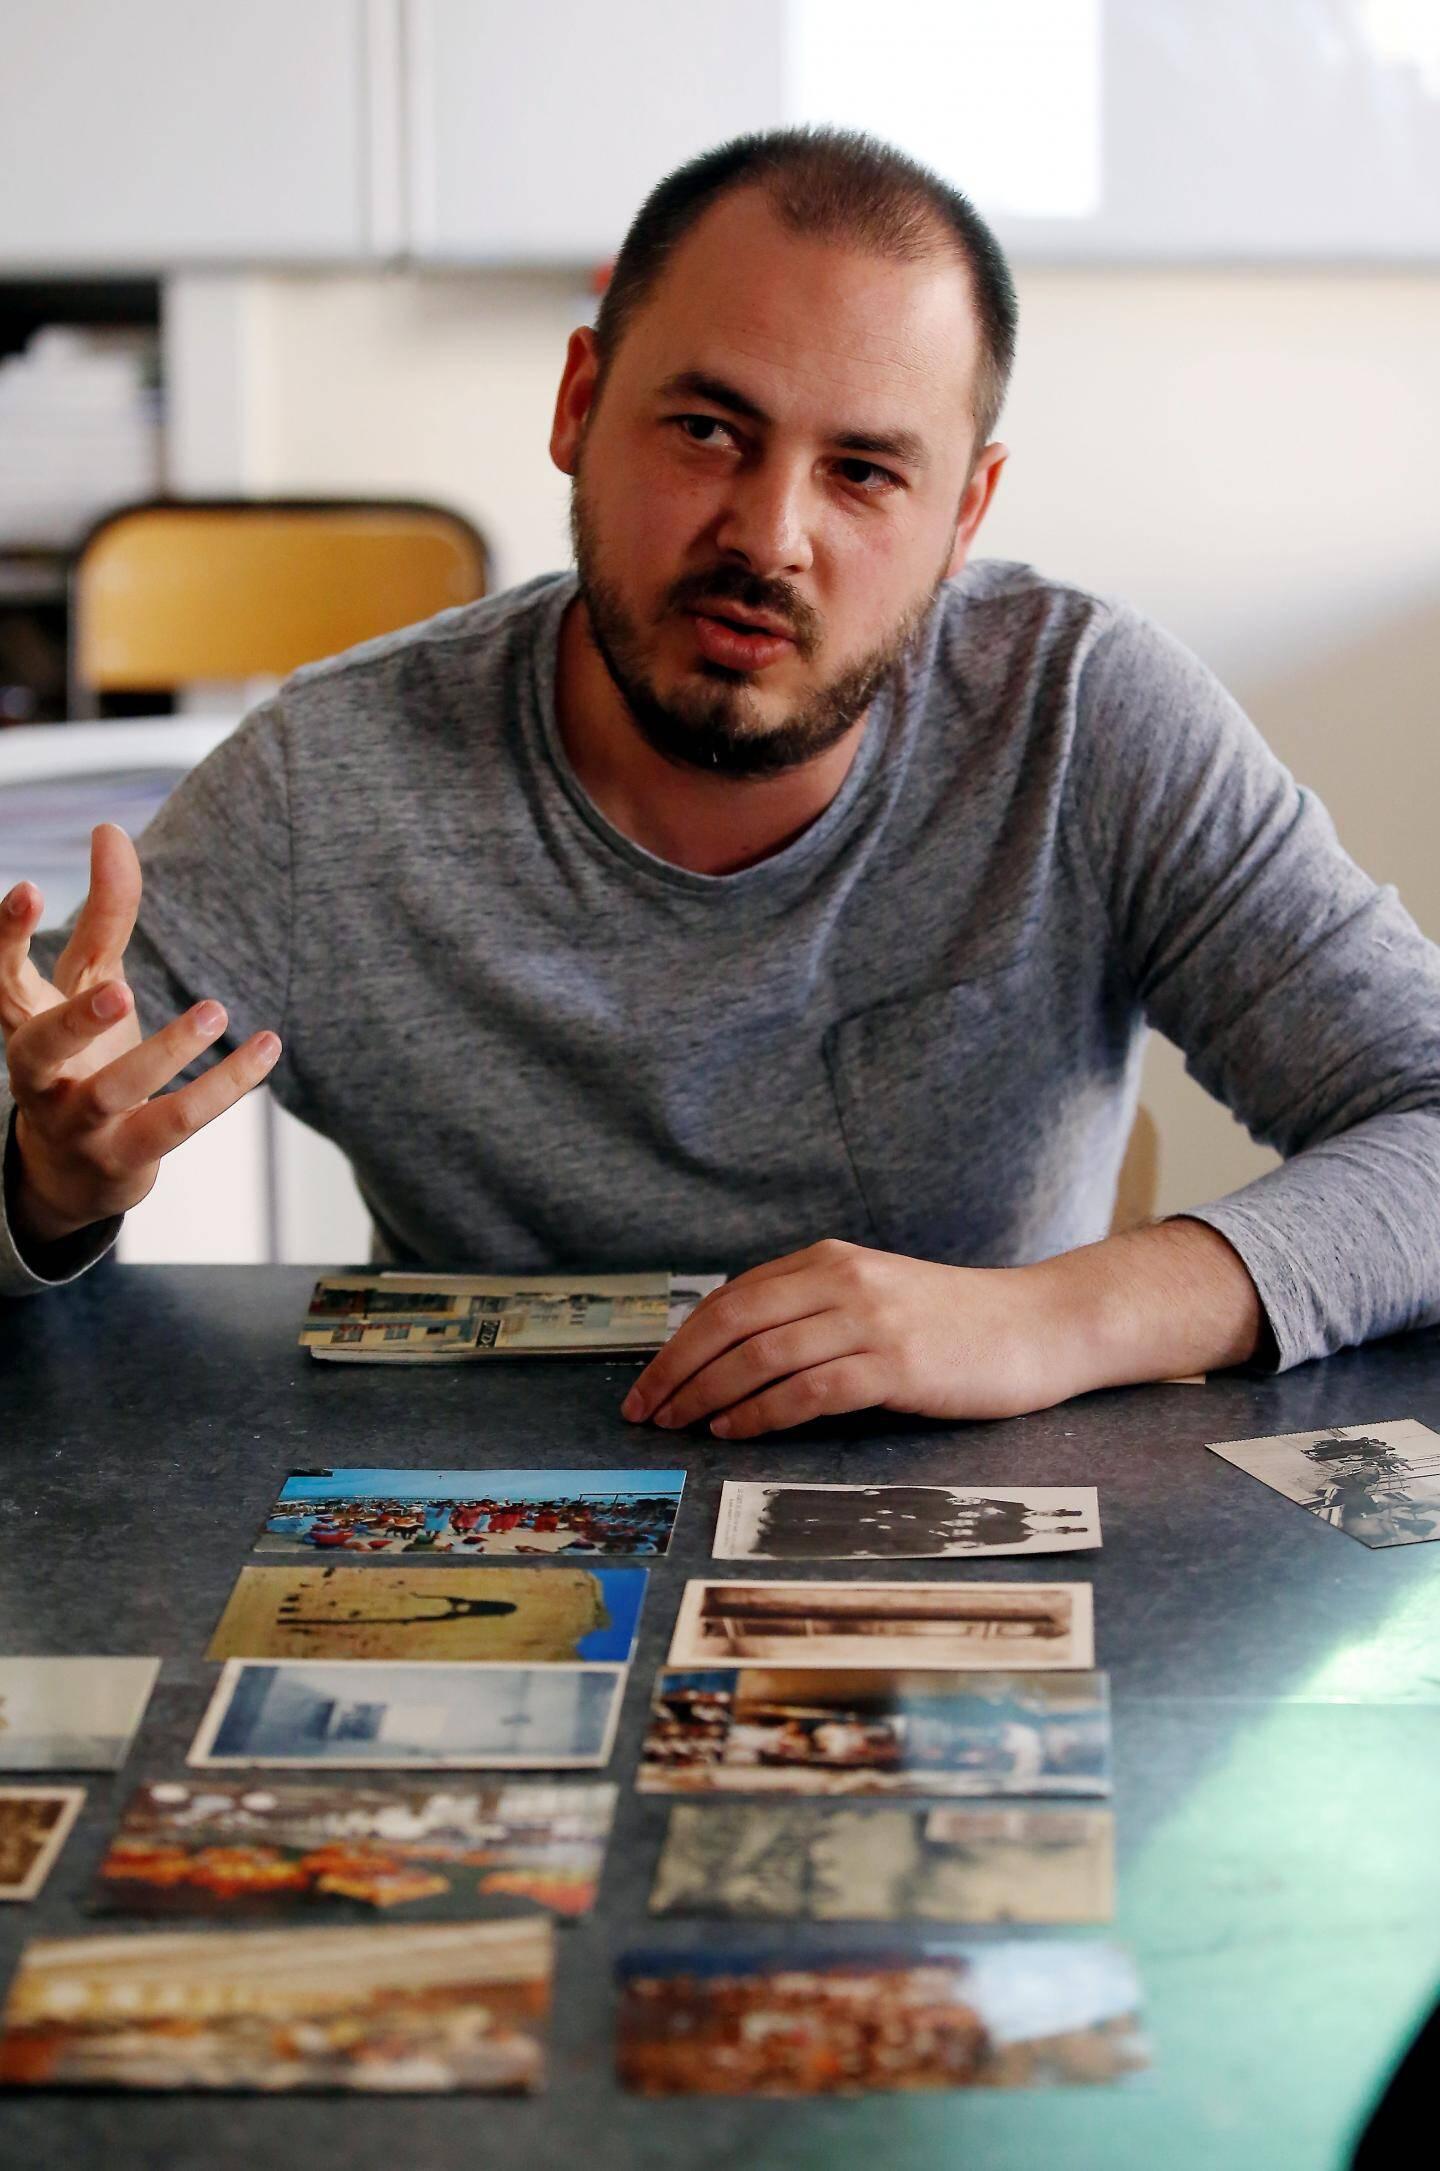 Le Barcelonais Oriol Villanova accompagne le projet artistisque cette année.